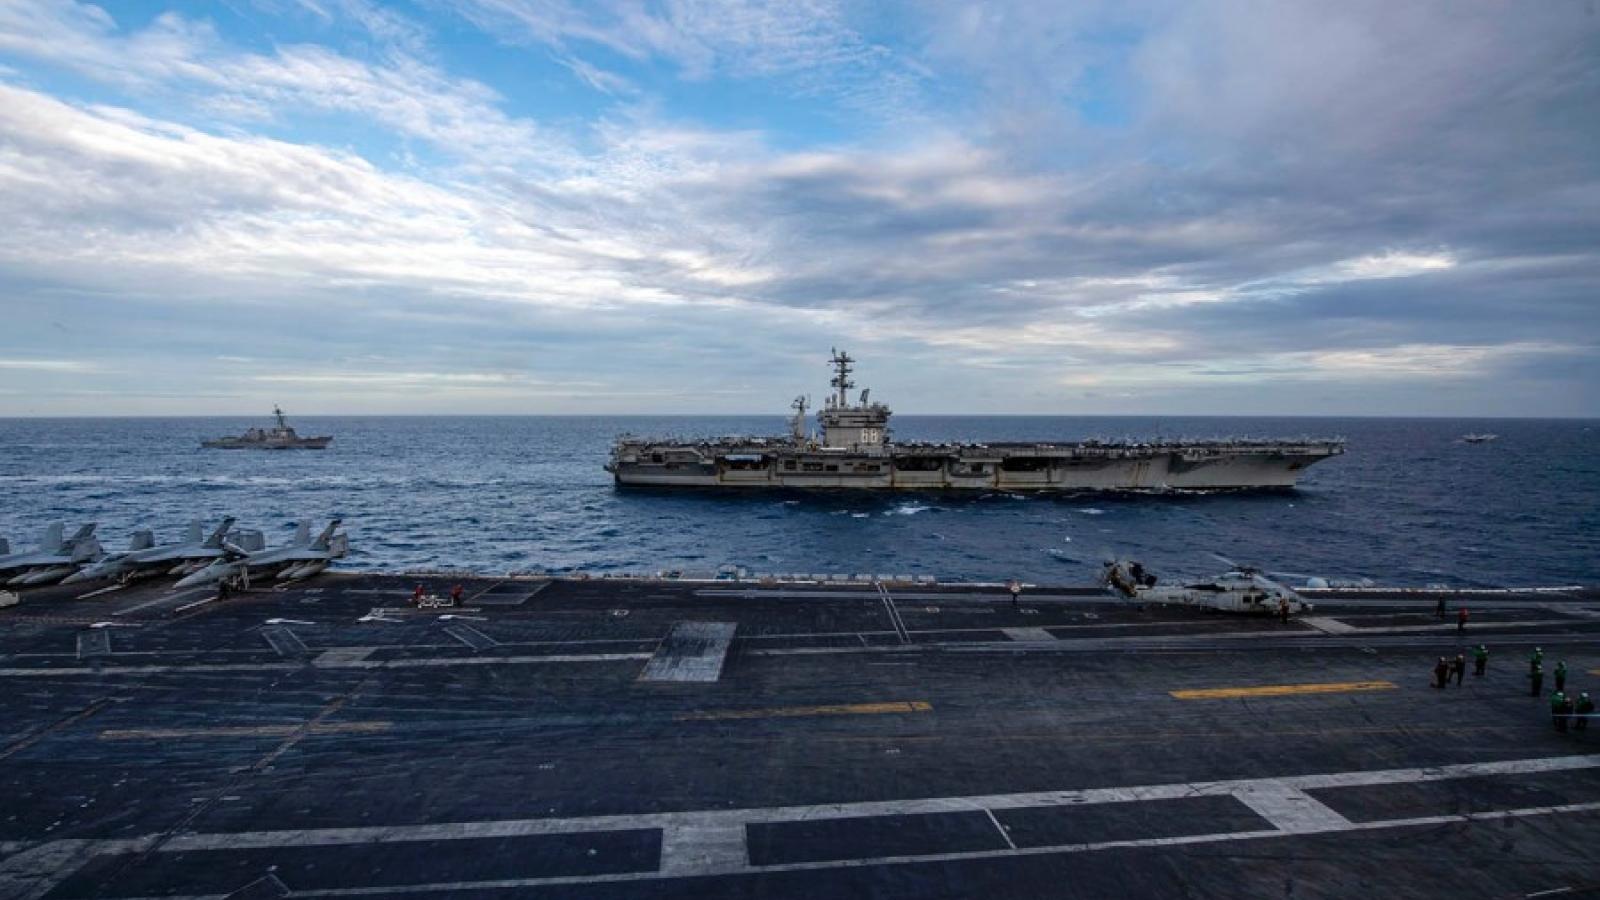 Lần đầu tiên Mỹ đưa 2 tàu sân bay cùng tập trận ở Biển Đông kể từ tháng 7/2020